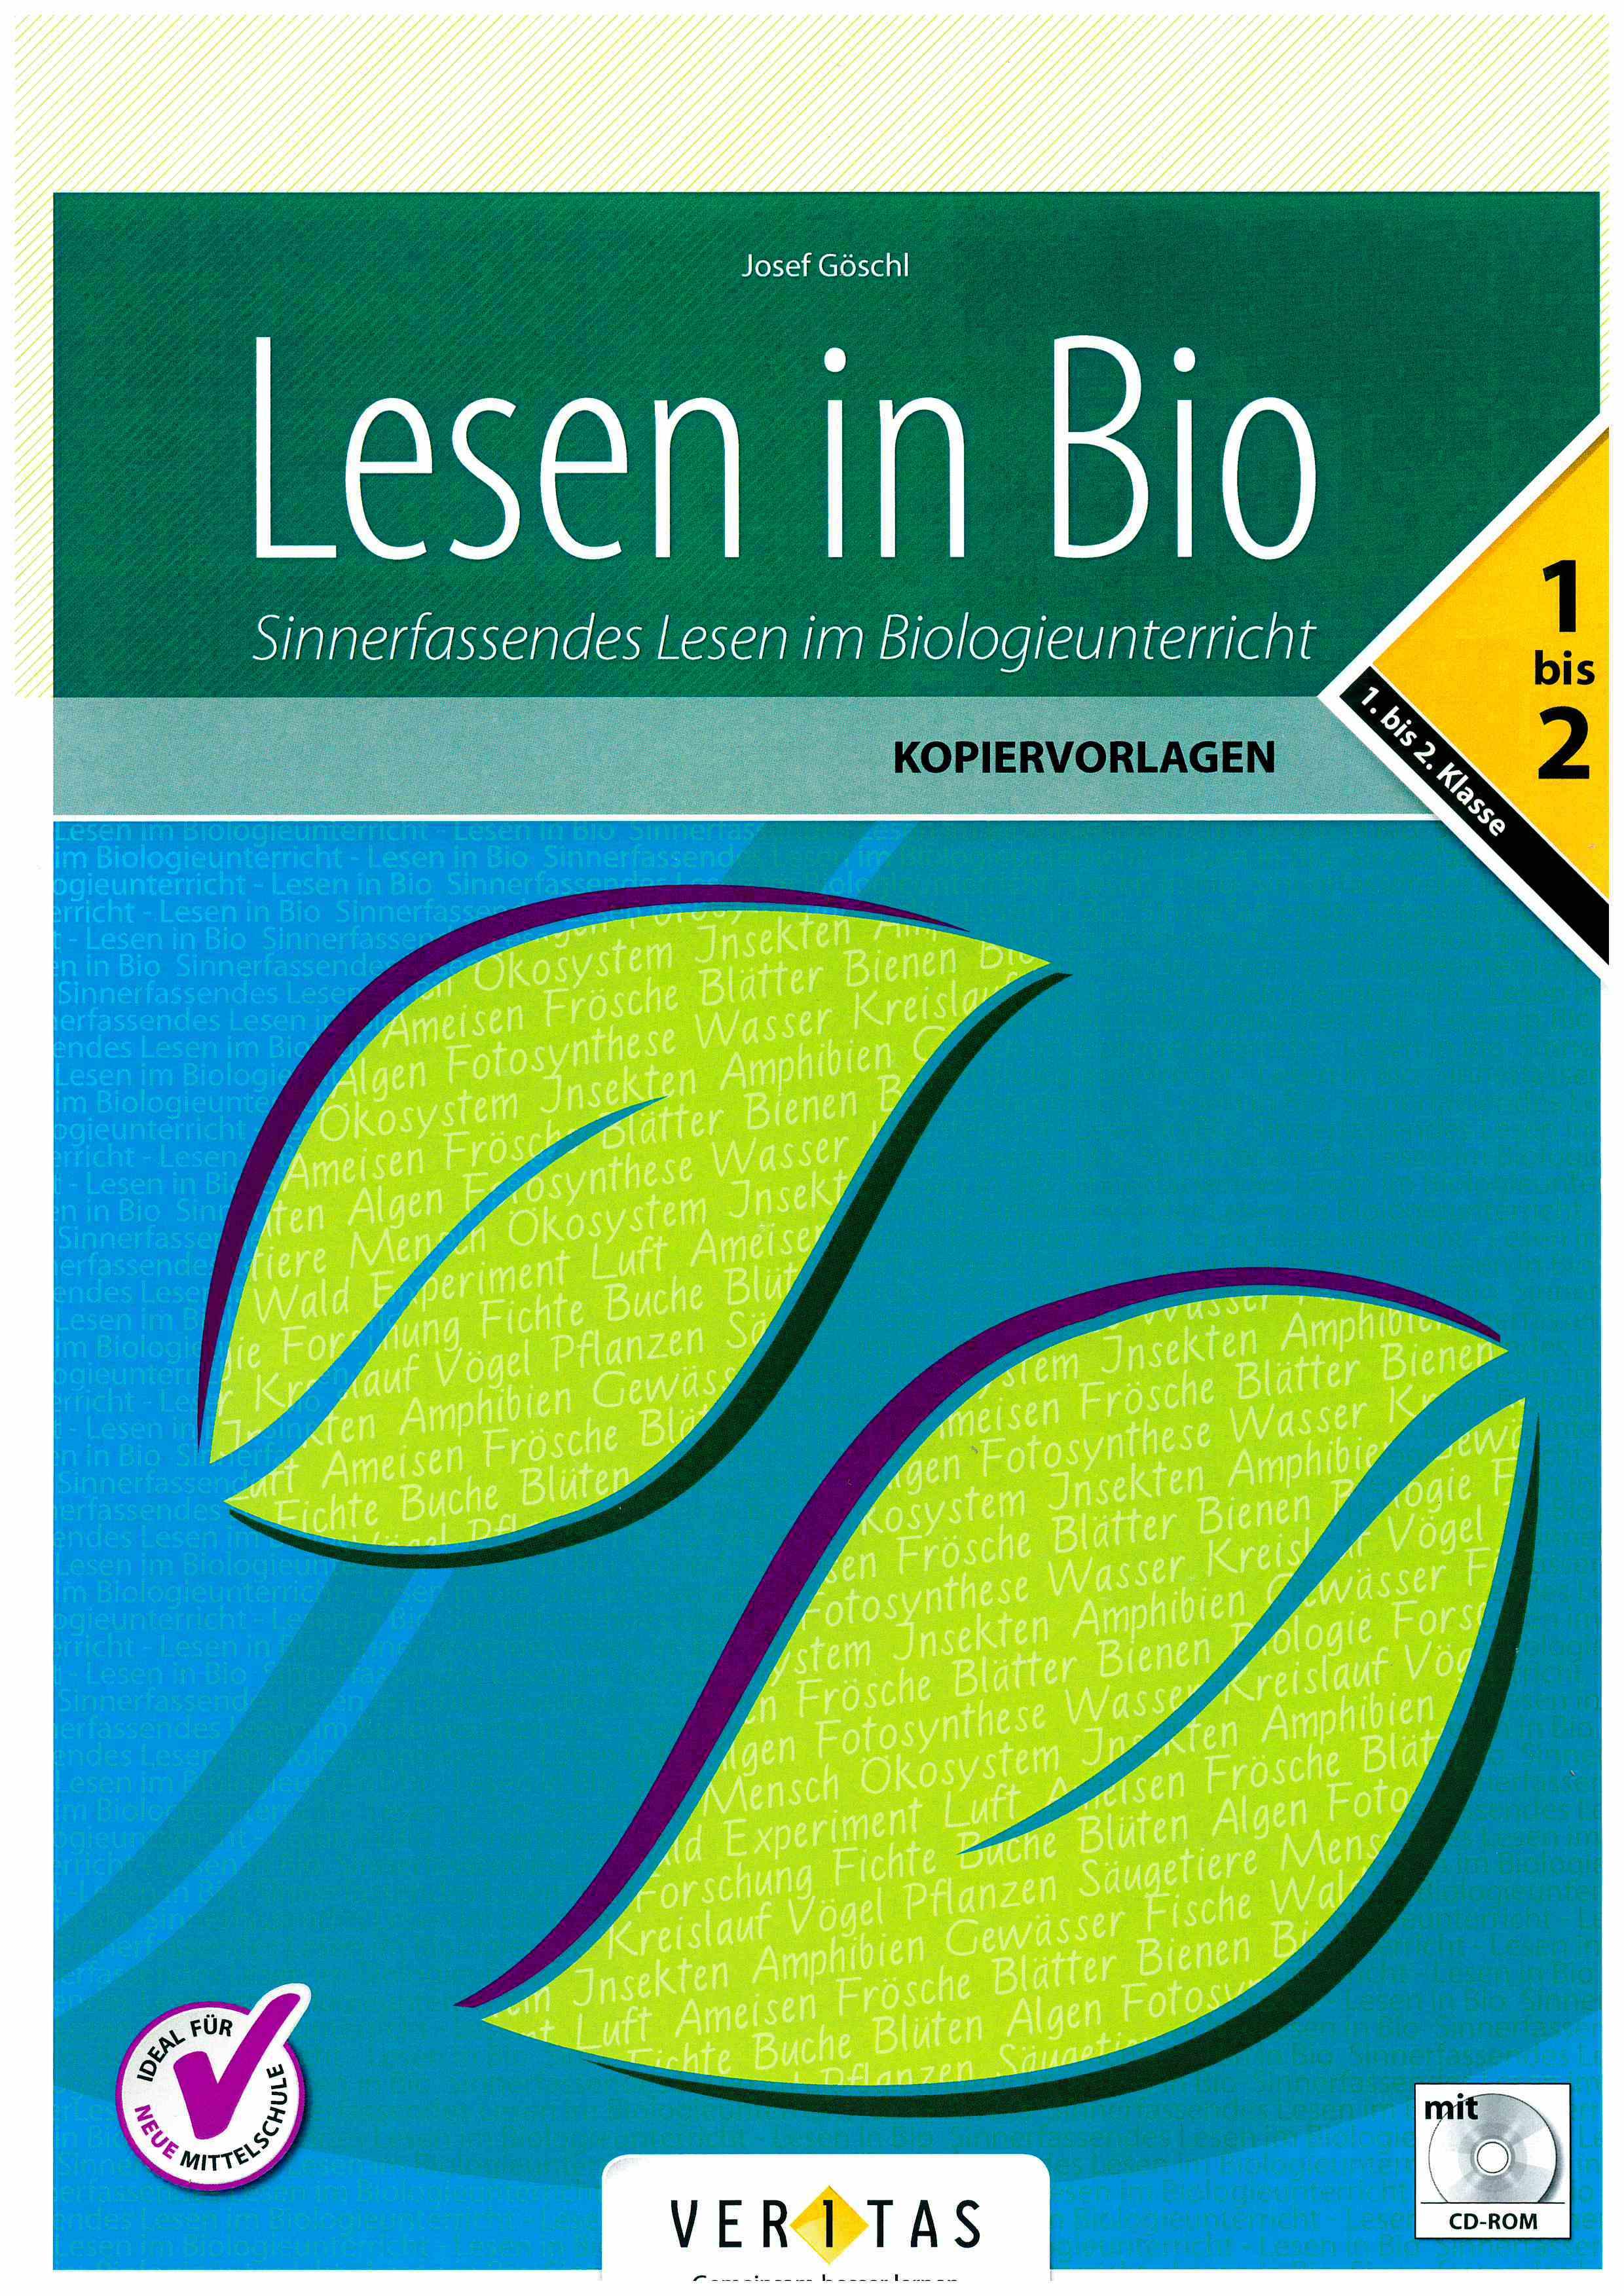 Lesen in Bio - Sinnerfassendes Lesen im Biologieunterricht